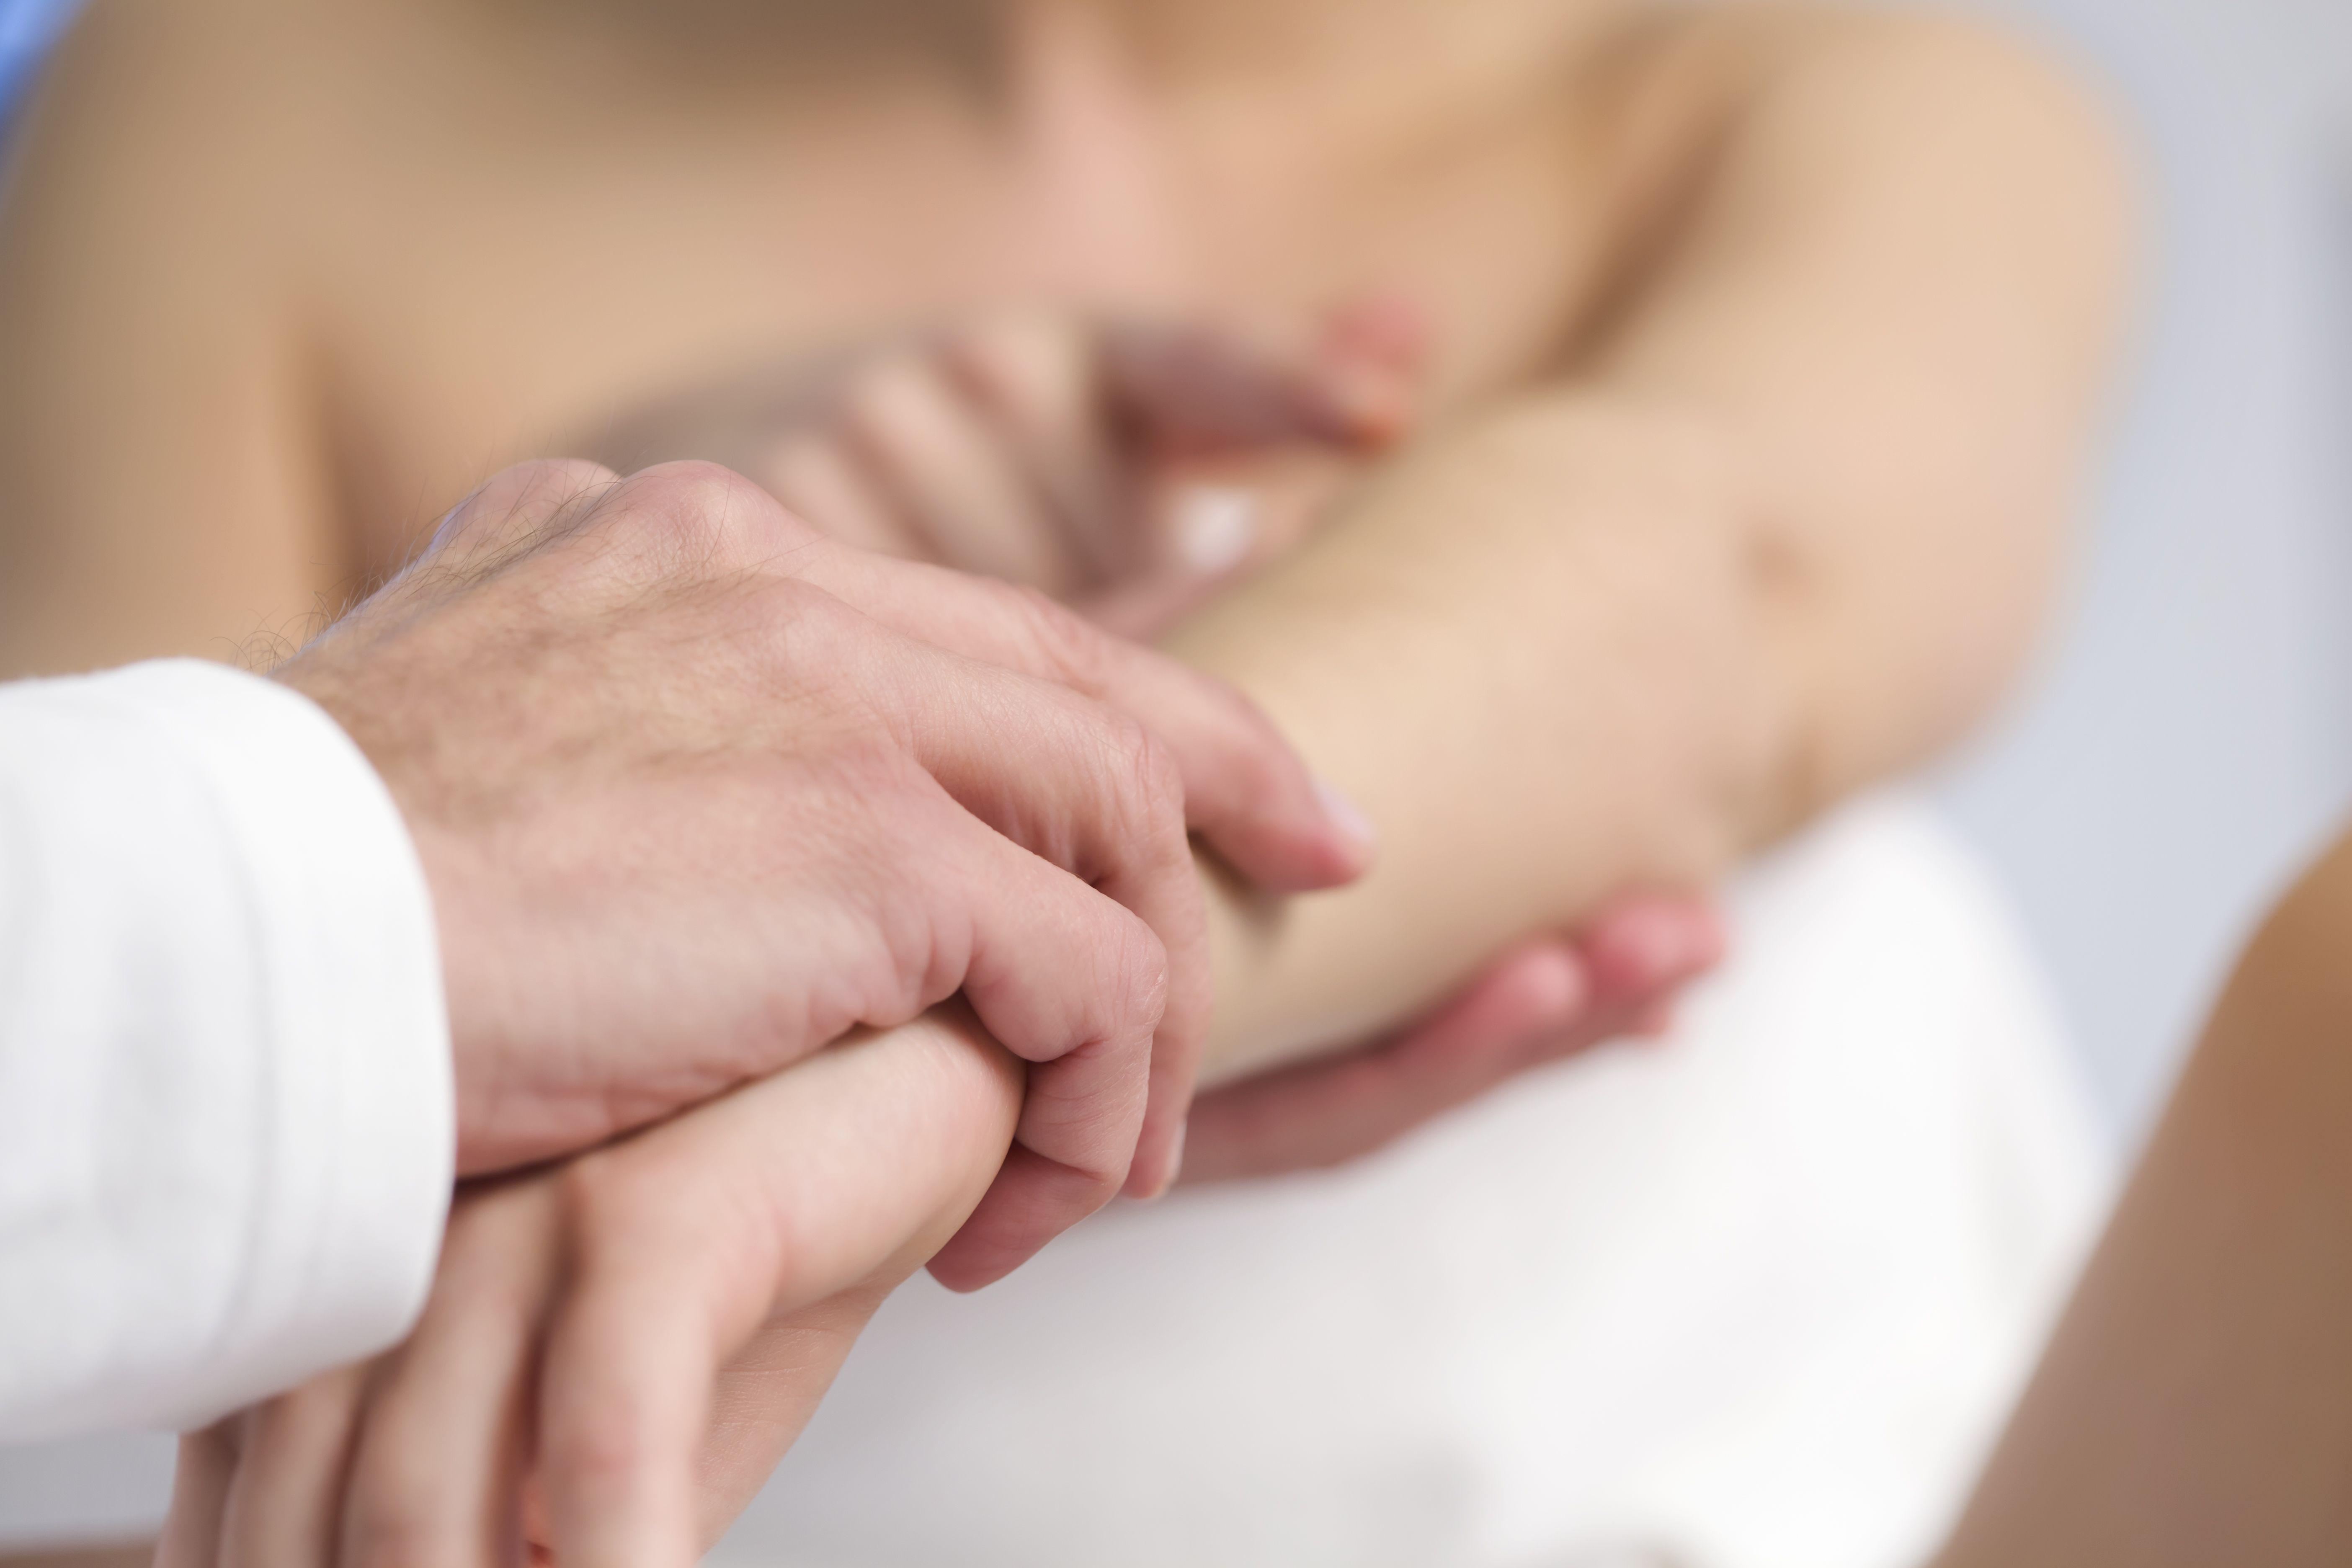 Tratamiento psoriasis: Tratamientos de Centro Dermatológico Verónica Díaz